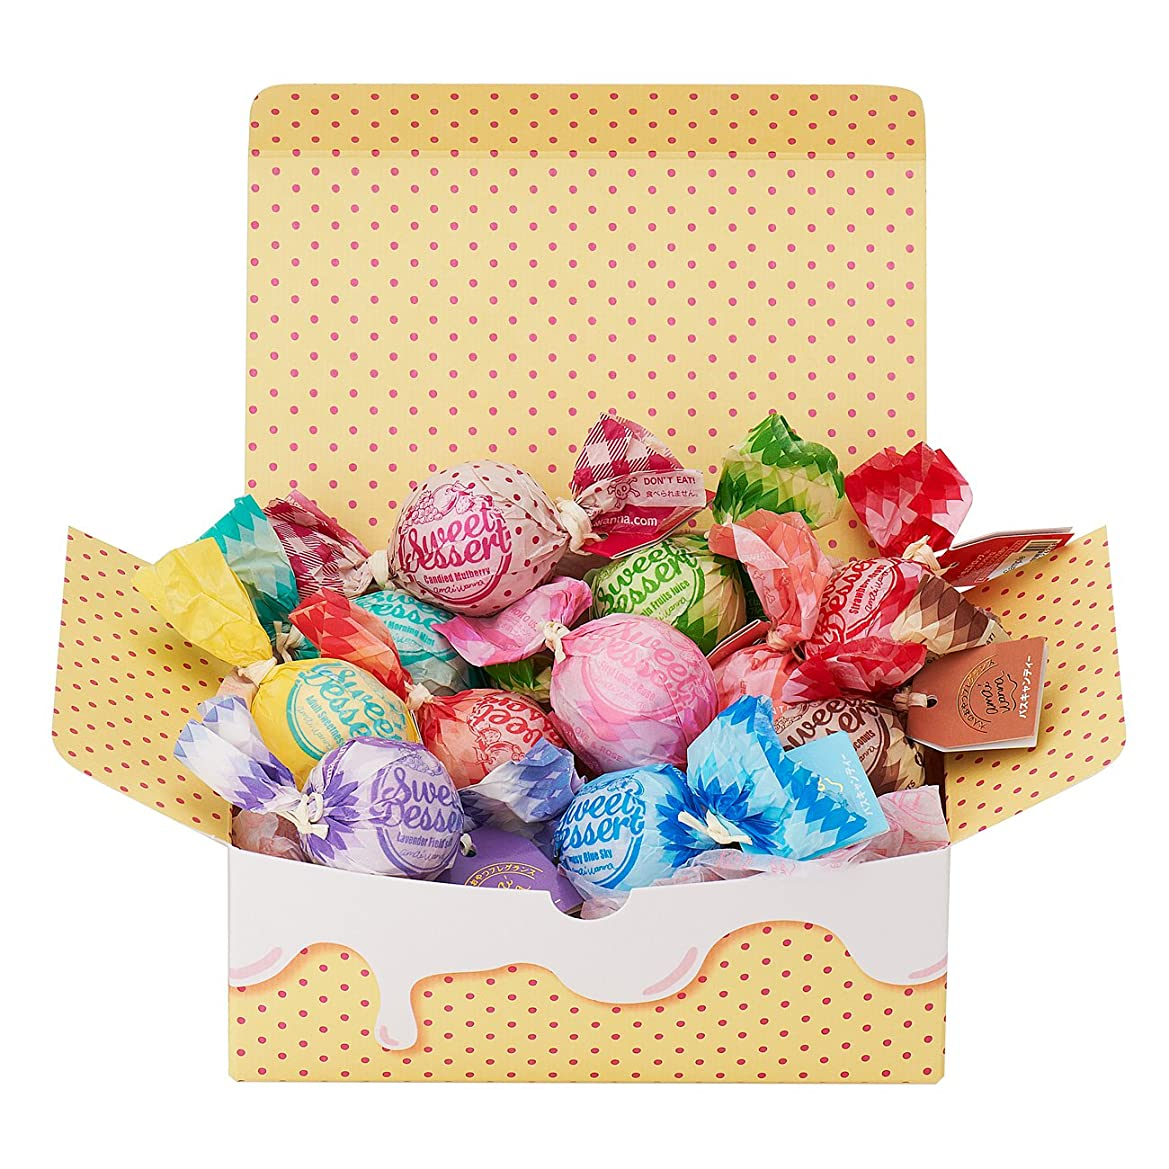 読みやすさカメラ盆地アマイワナ 11粒のしあわせ(箱入りバスギフト キャンディー型入浴料×11個)